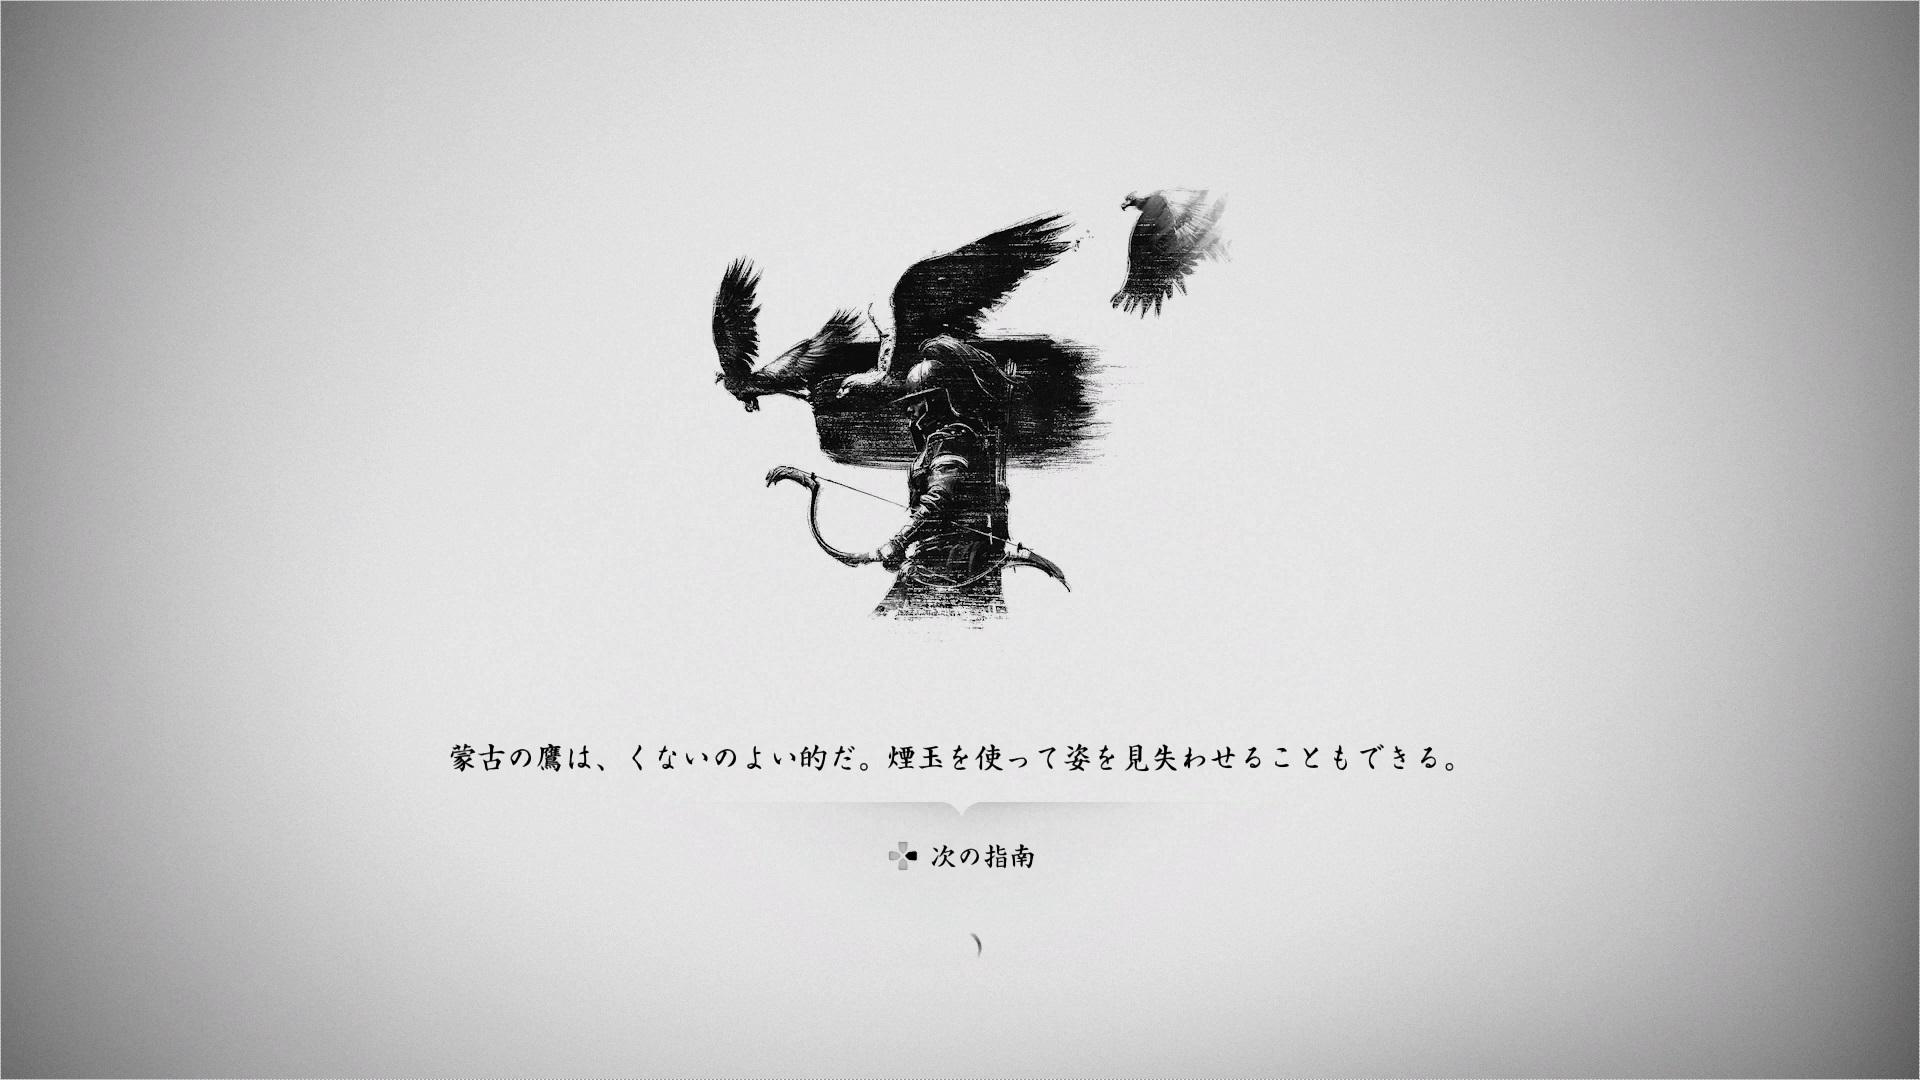 蒙古の鷹は、くないのよい的だ。煙玉を使って姿を見失わせることもできる。